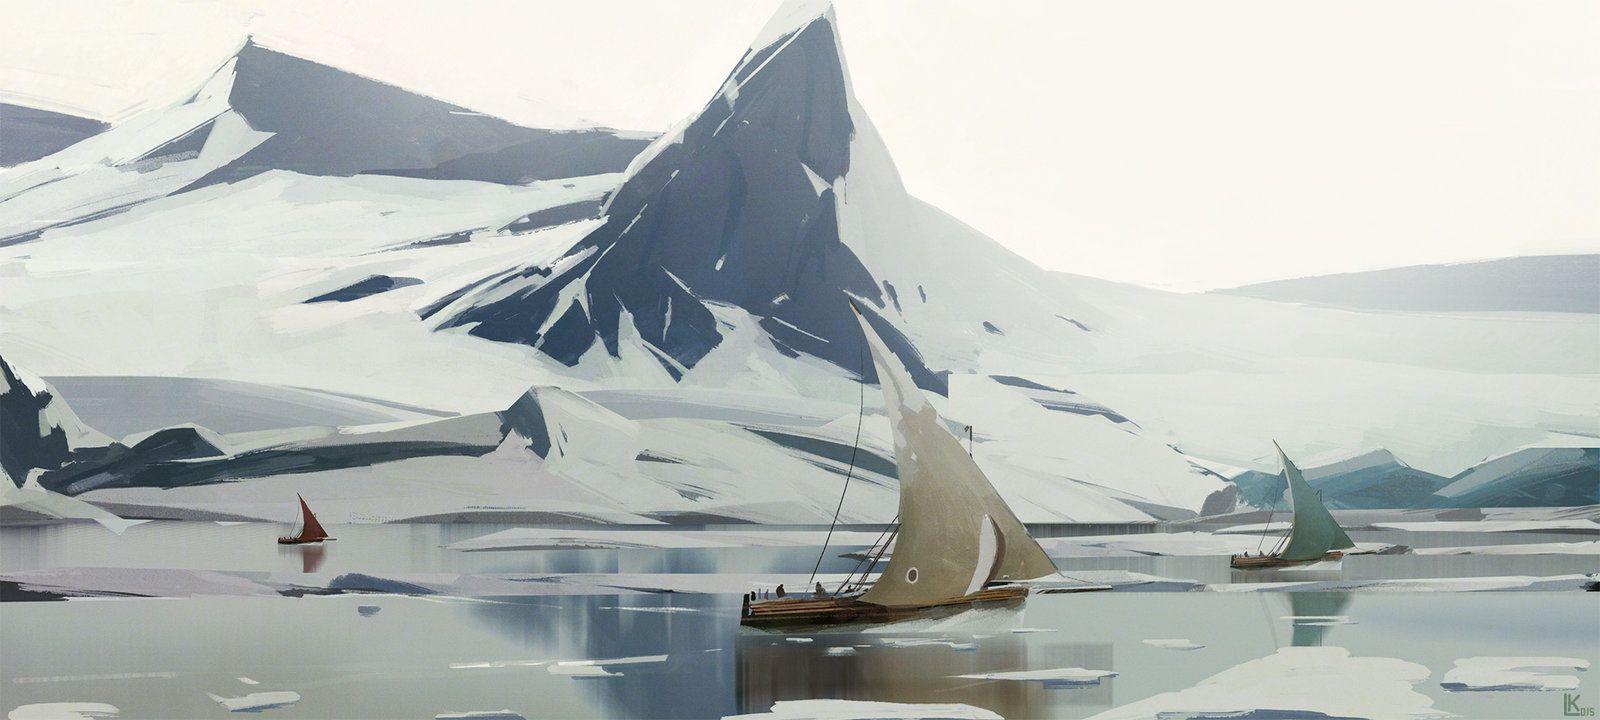 Ships, Leonid Kolyagin on ArtStation at https://artstation.com/artwork/ships-6936551d-0972-4ab4-b5dc-1bf768189de9